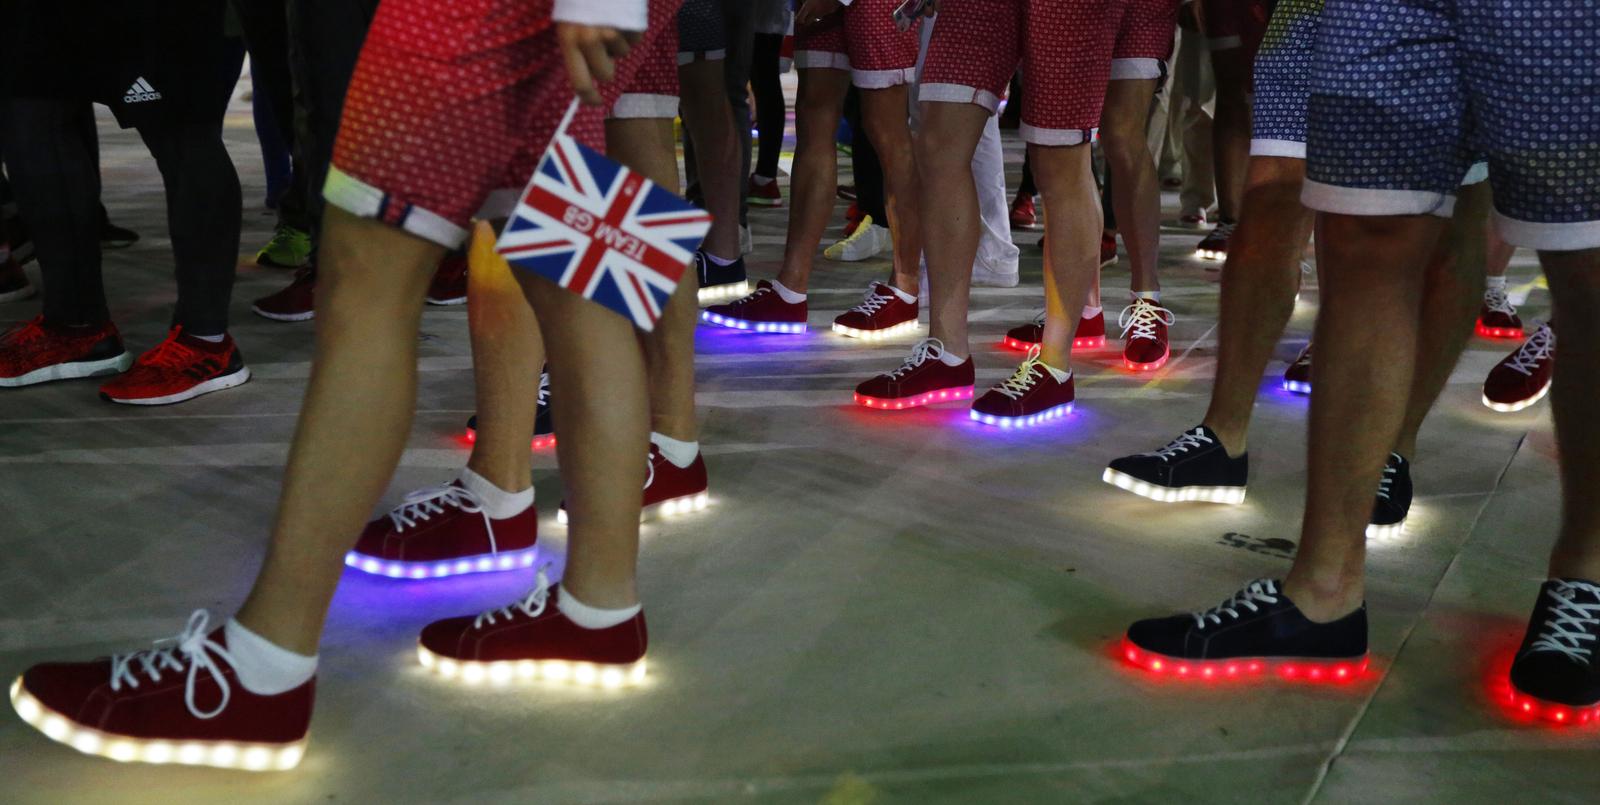 Британские спортсмены обуты в обувь со светящимися подошвами